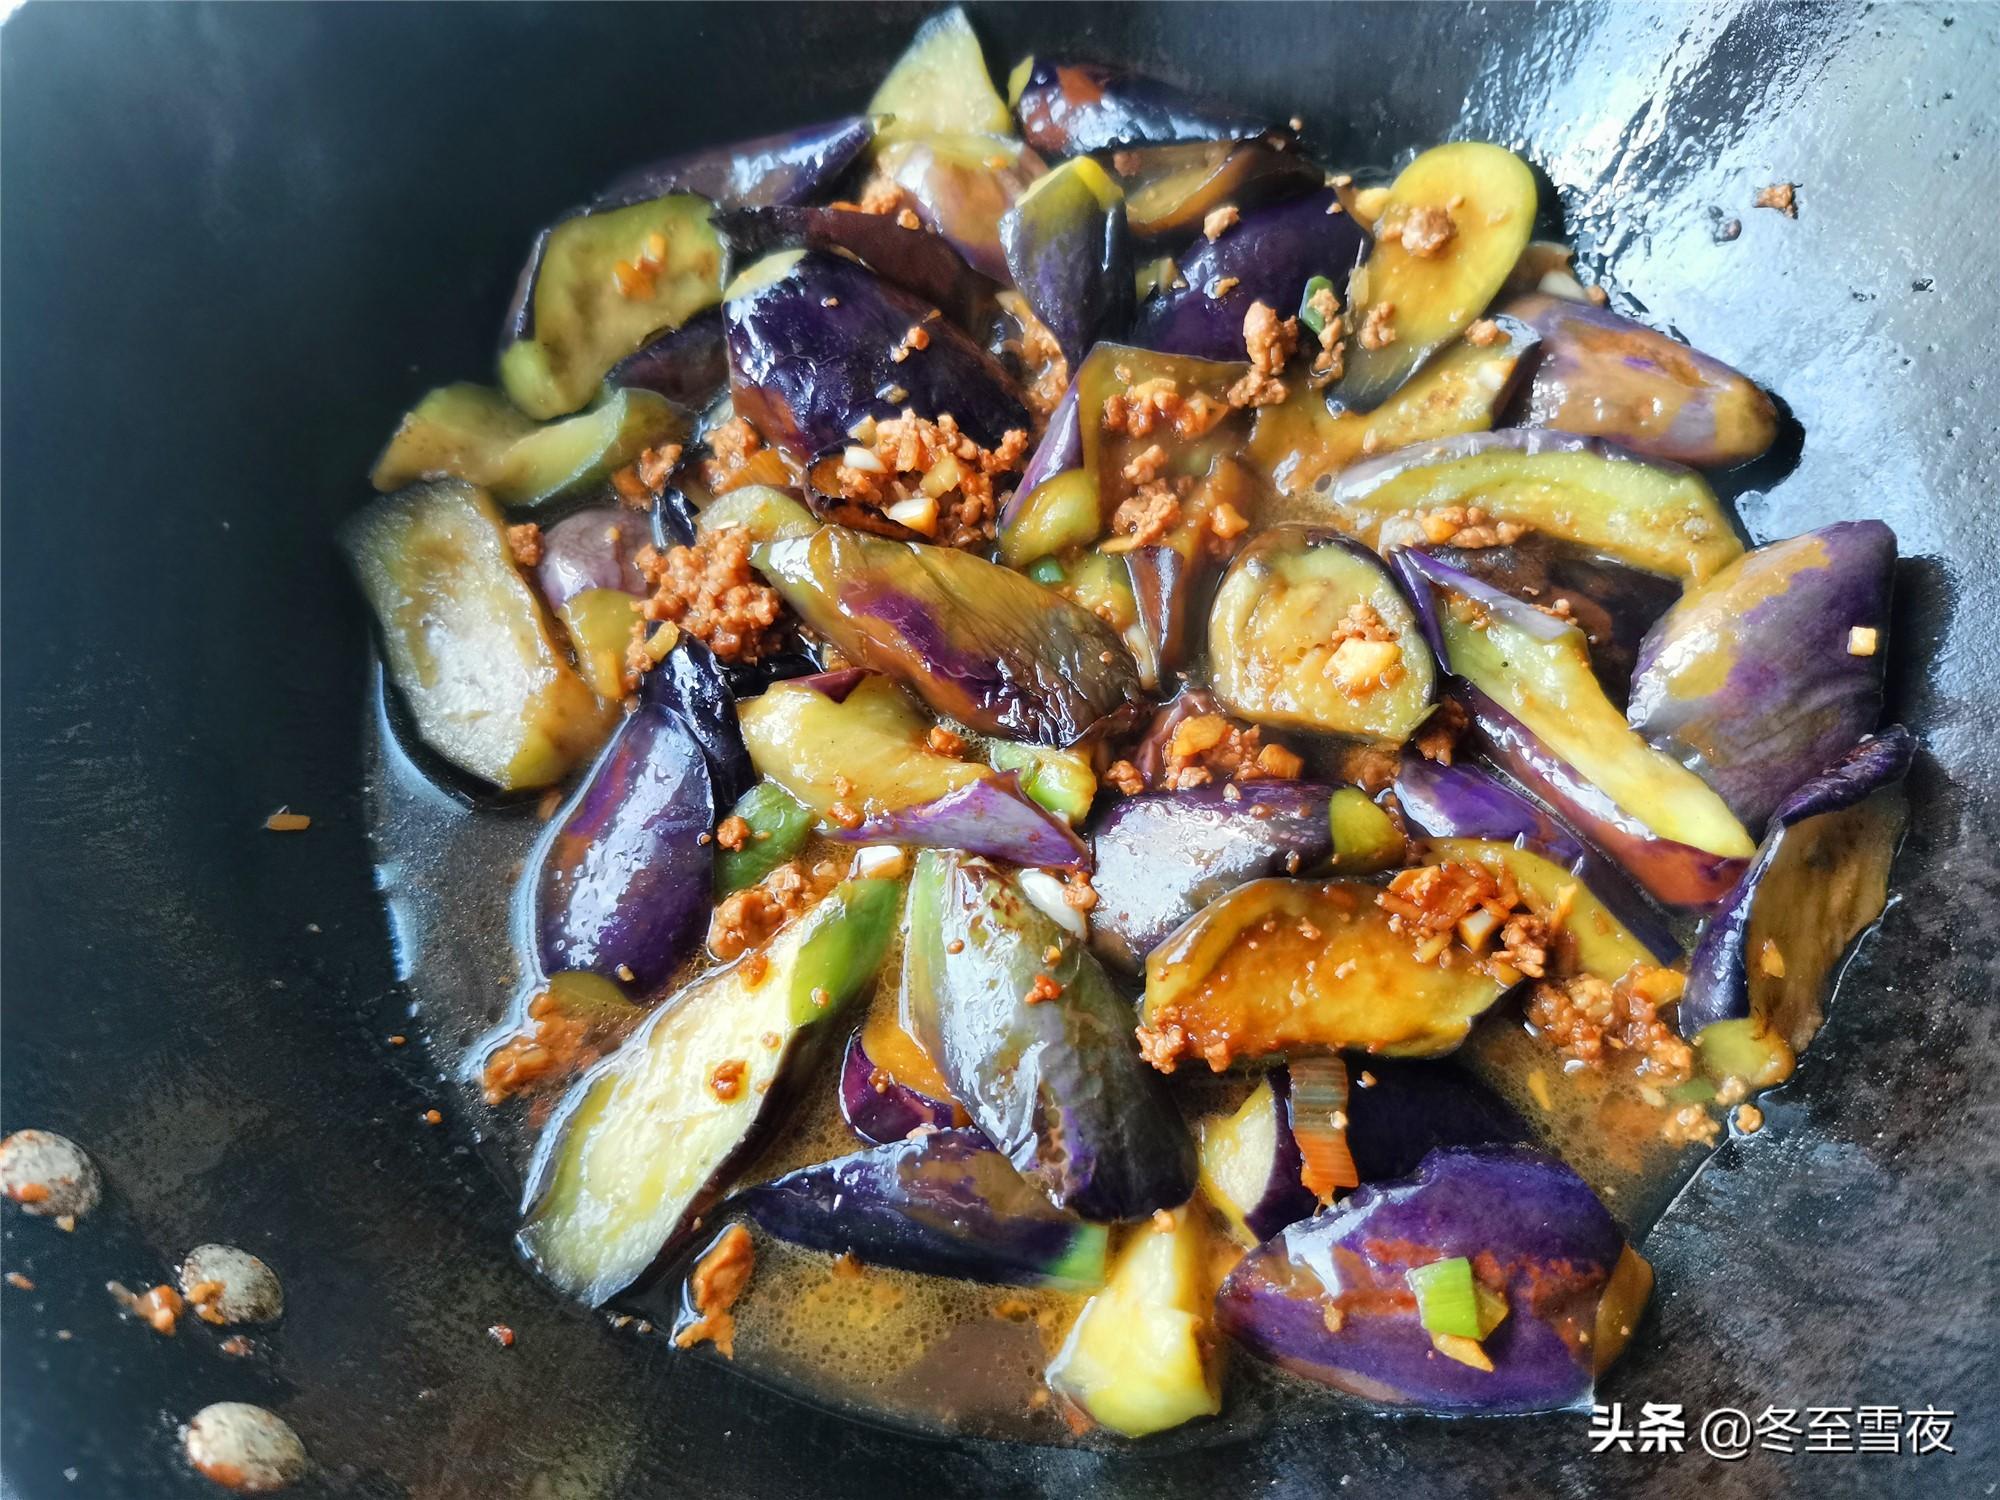 下饭茄子的做法,不用过油 美食做法 第5张